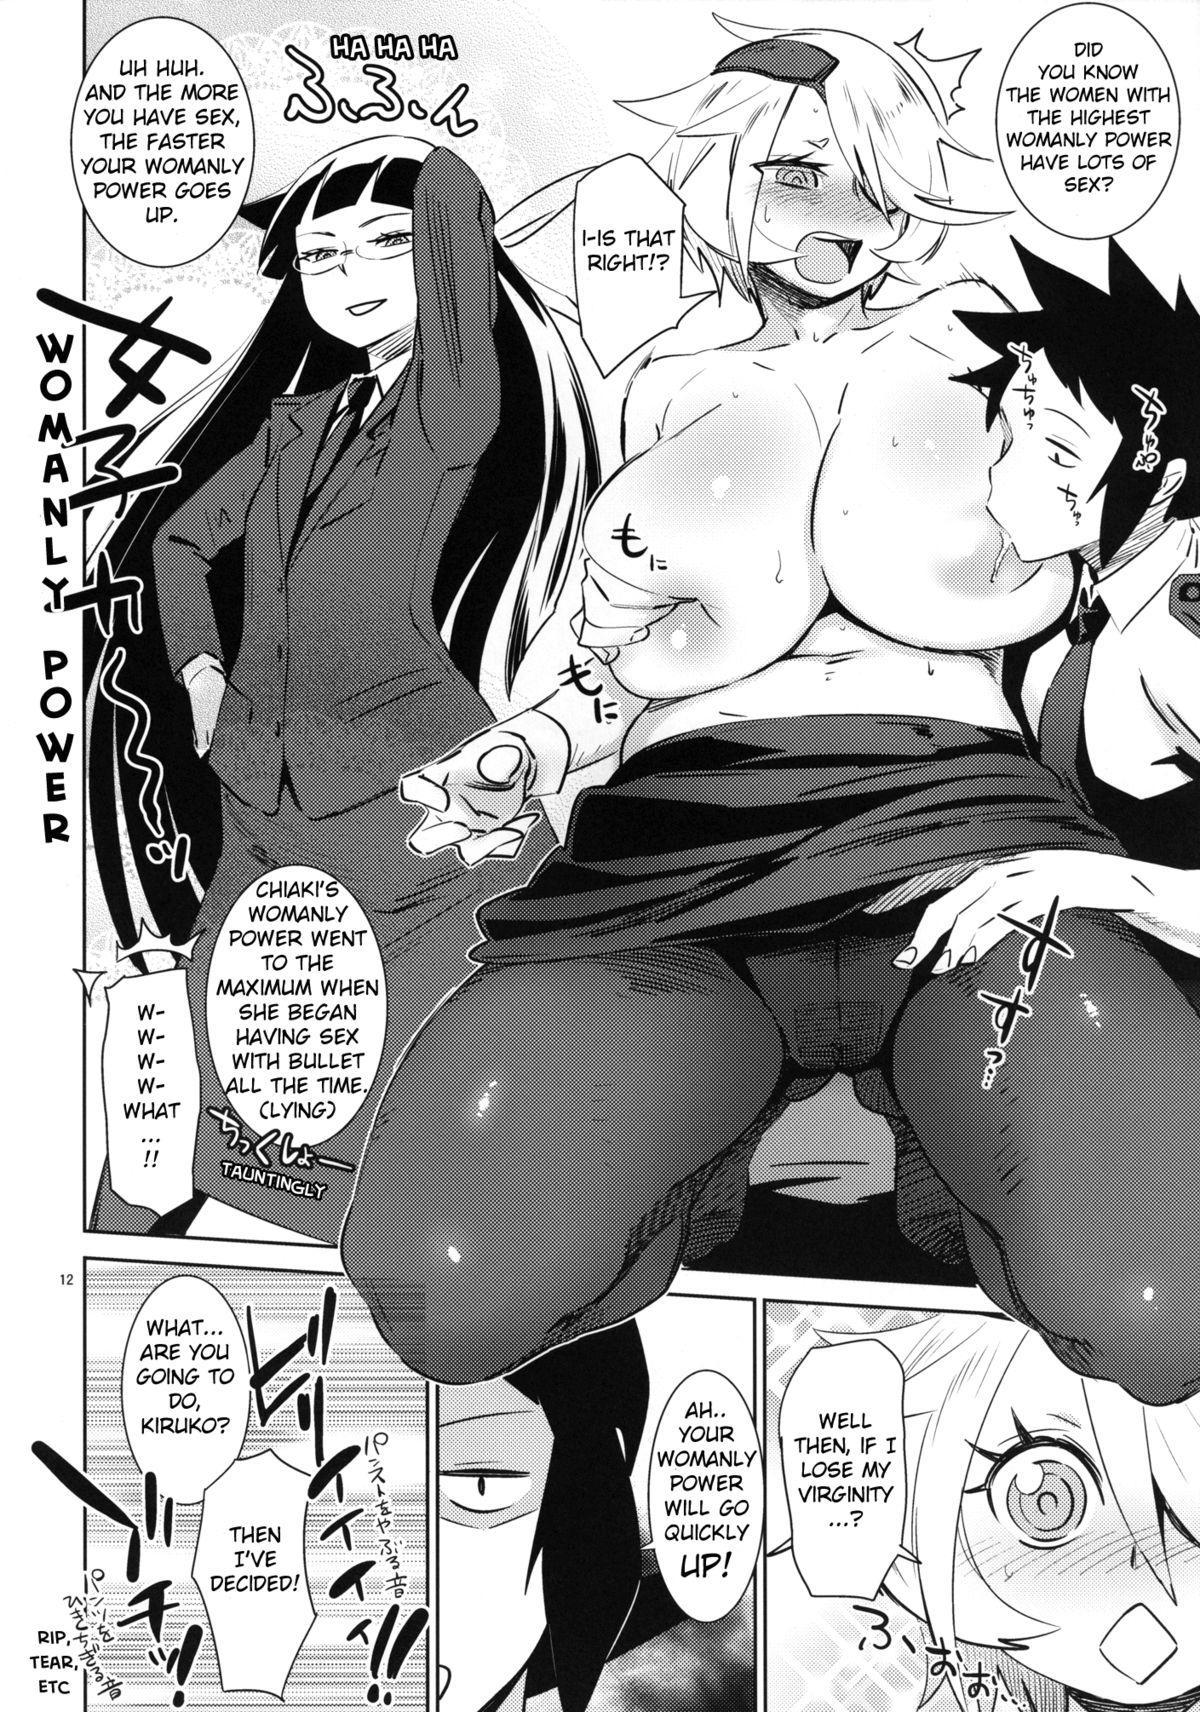 [Abradeli Kami (bobobo)] Kiruko-san no Joshiryoku Up Daisakusen | Kiruko's Womanly Power-Up Epic Battle (Shinmai Fukei Kiruko-san) [English] [Koukai Shokei] [Digital] 11